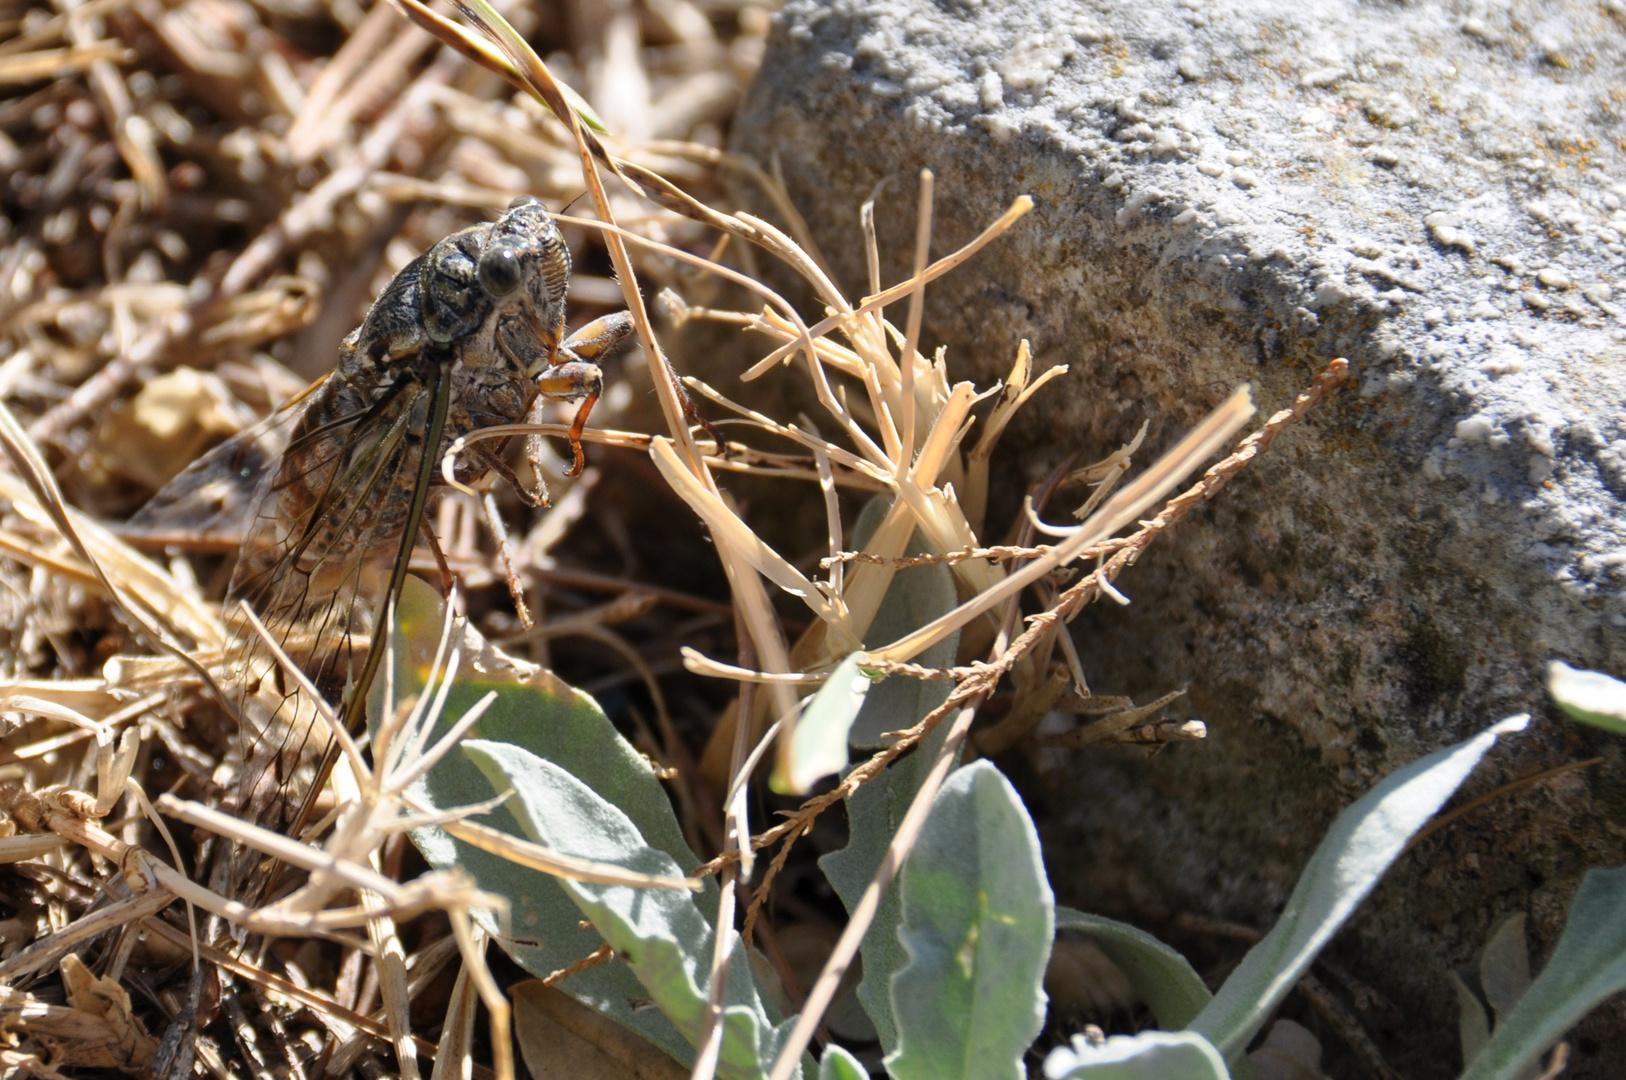 Fragliches Insekt